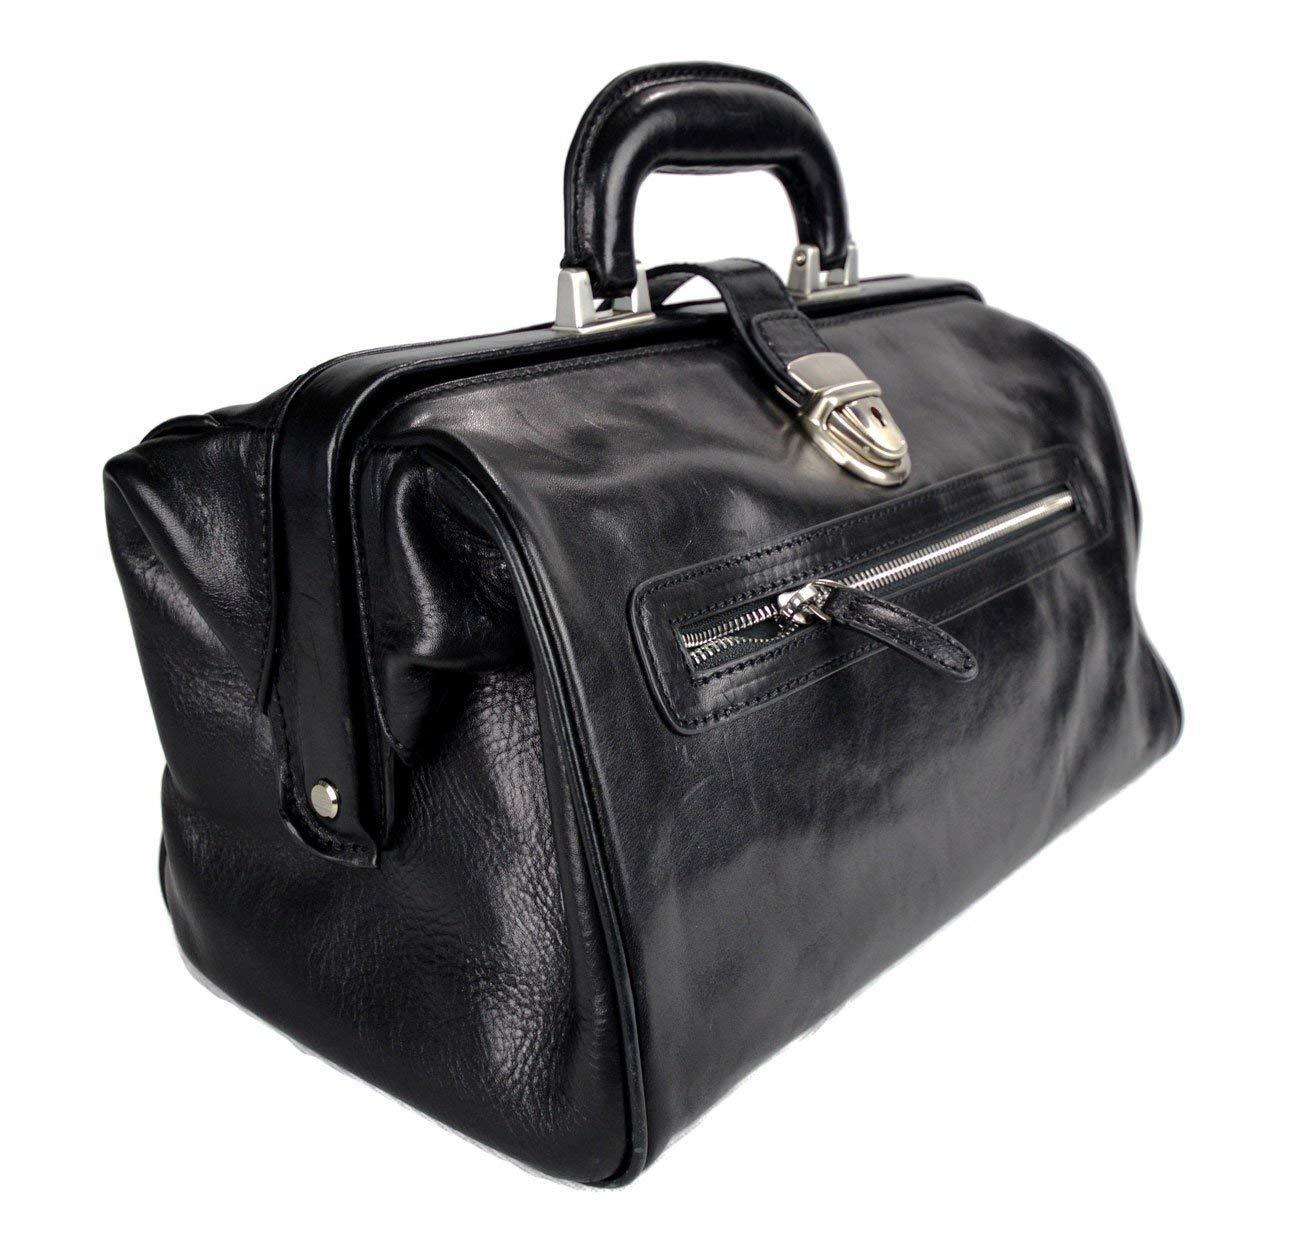 Leather doctor bag medical bag handbag ladies men leatherbag vintage medical bag retro doctor bag made in Italy luxury bag weekender black - handmade-bags